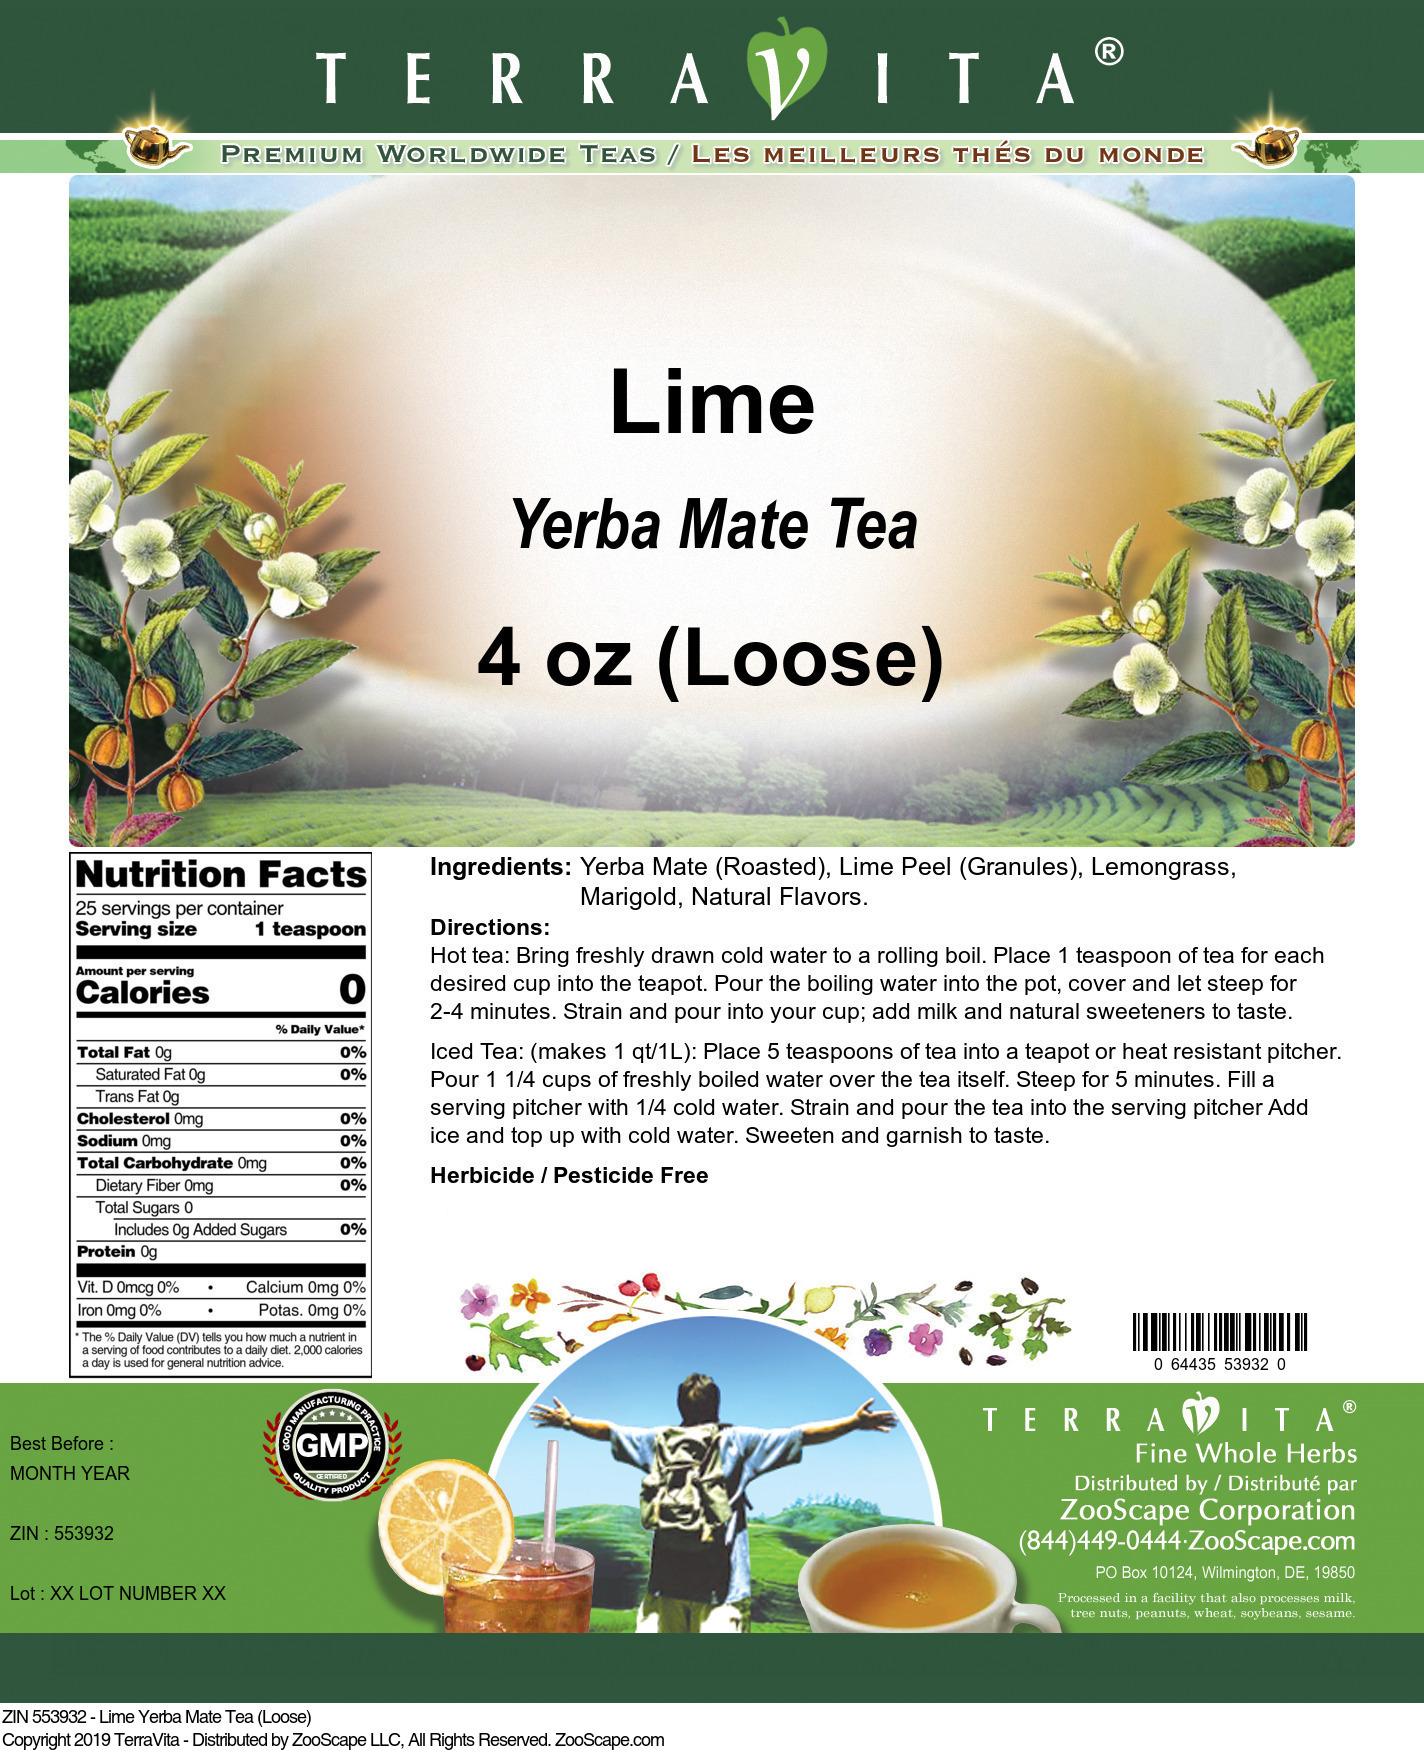 Lime Yerba Mate